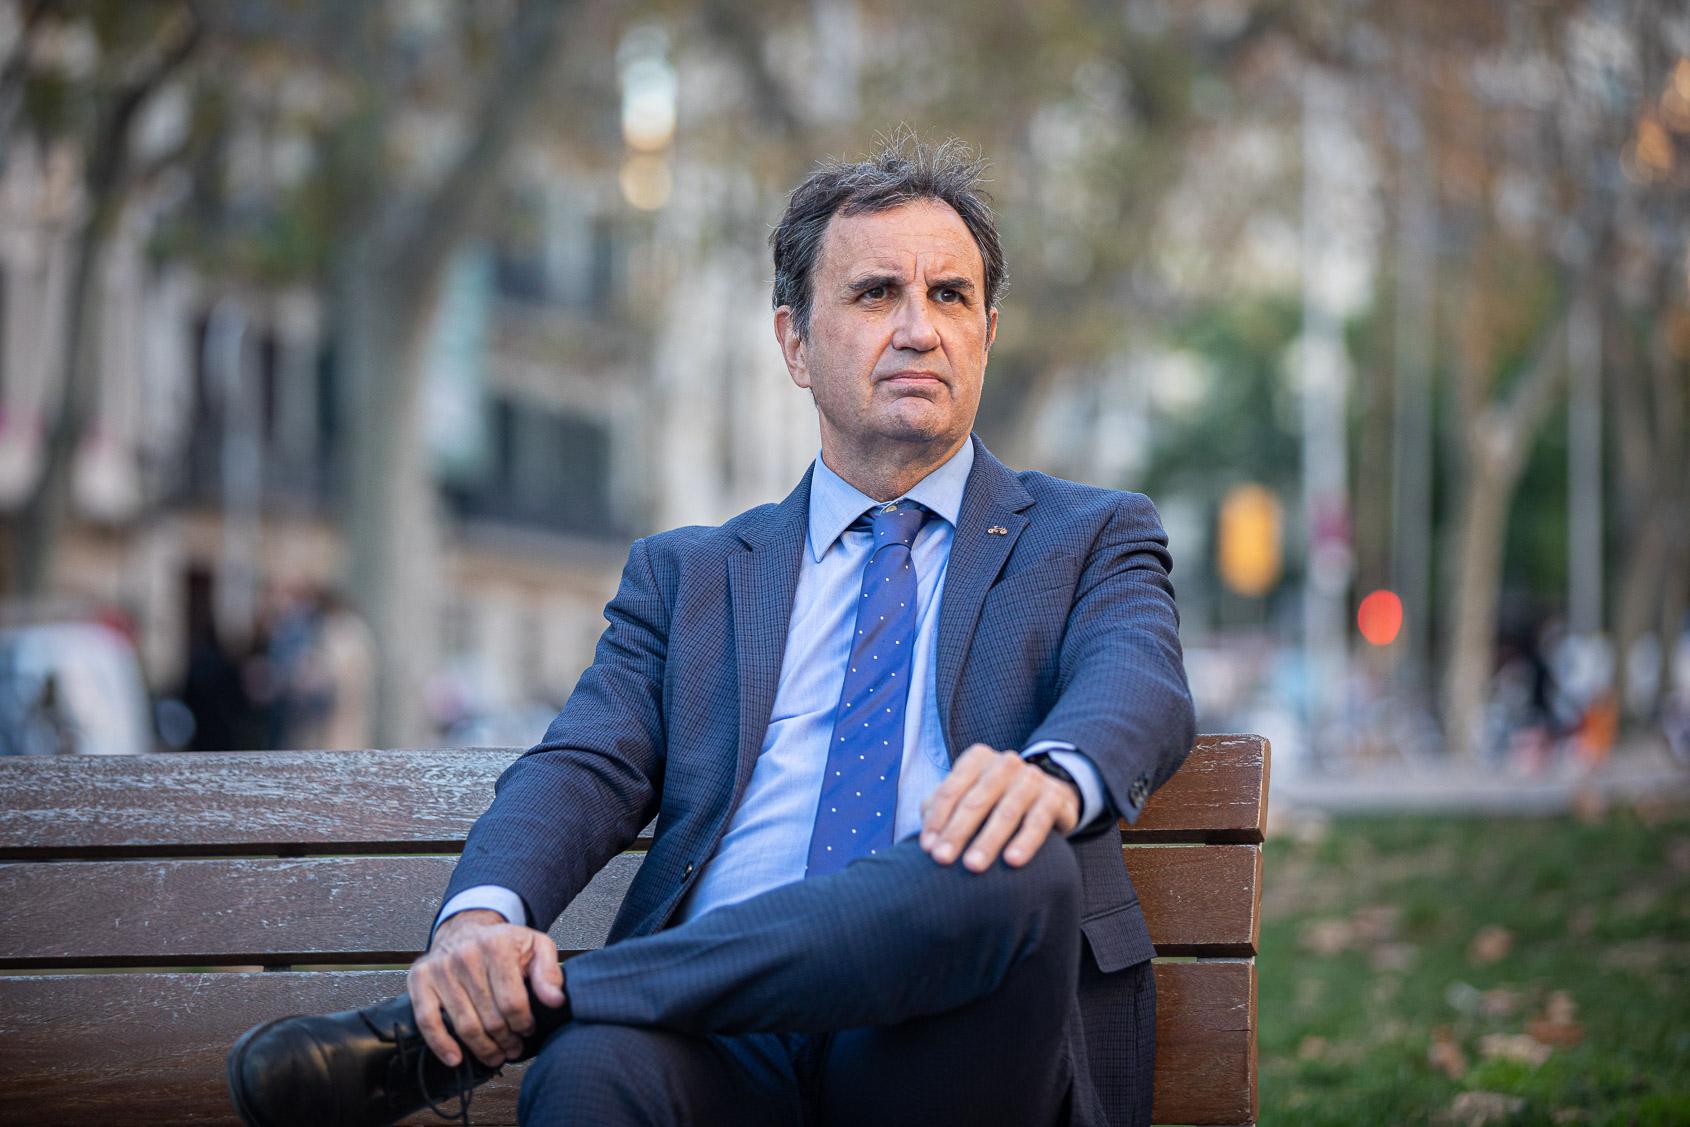 L'advocat Arcadi Sala-Planell, fitxat pel banc 11Onze / Jordi Borràs